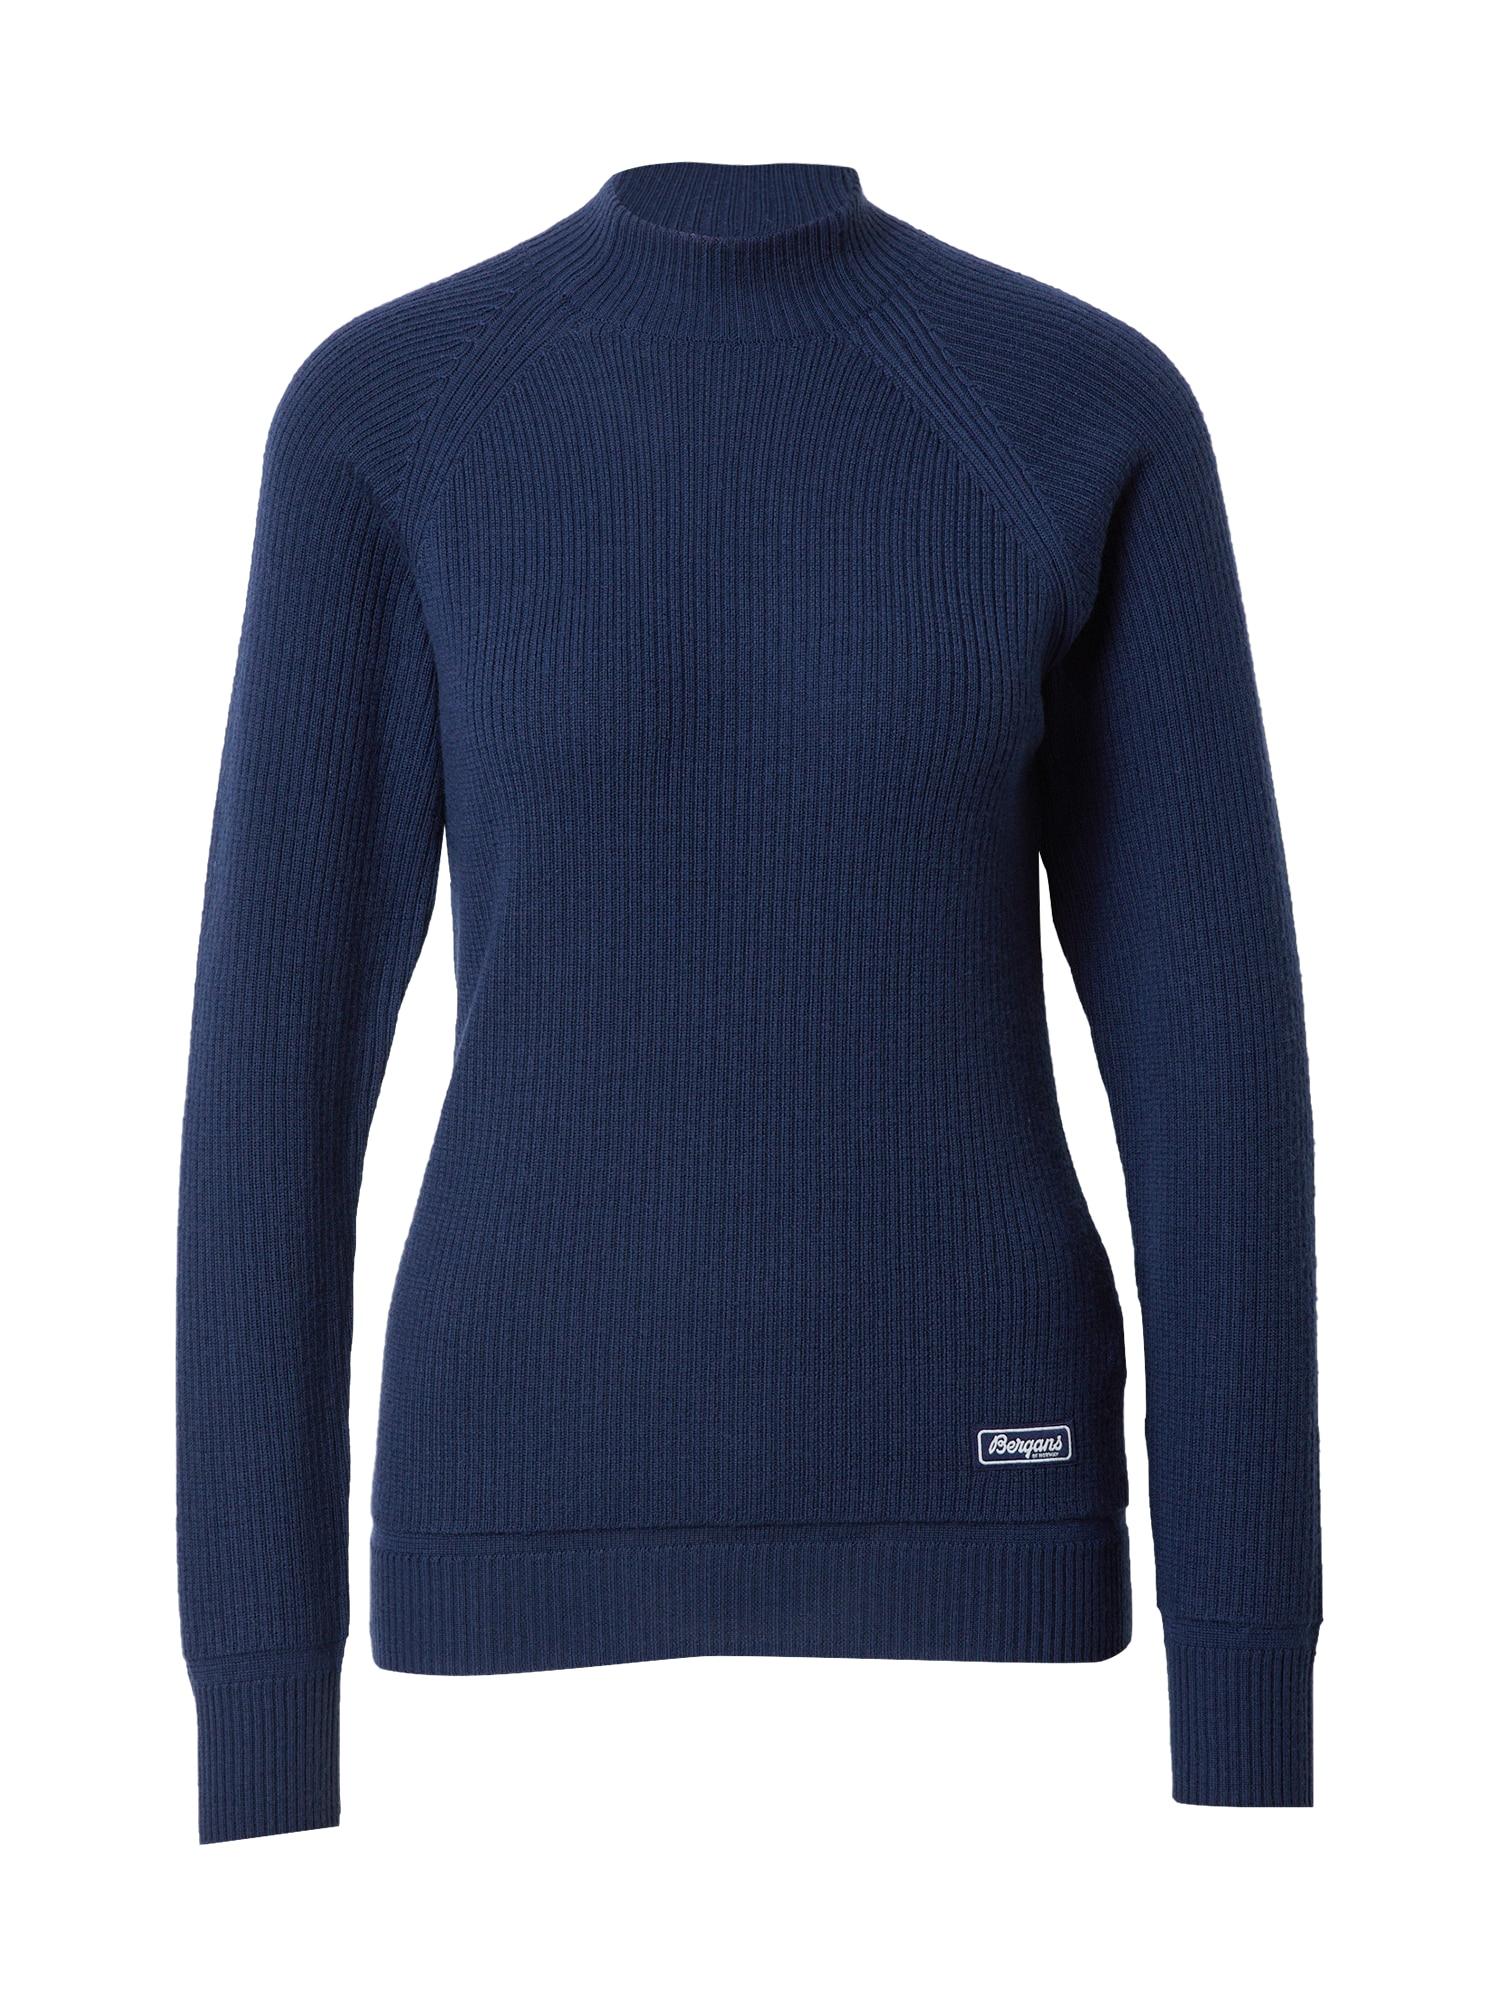 Bergans Sportinis megztinis tamsiai mėlyna